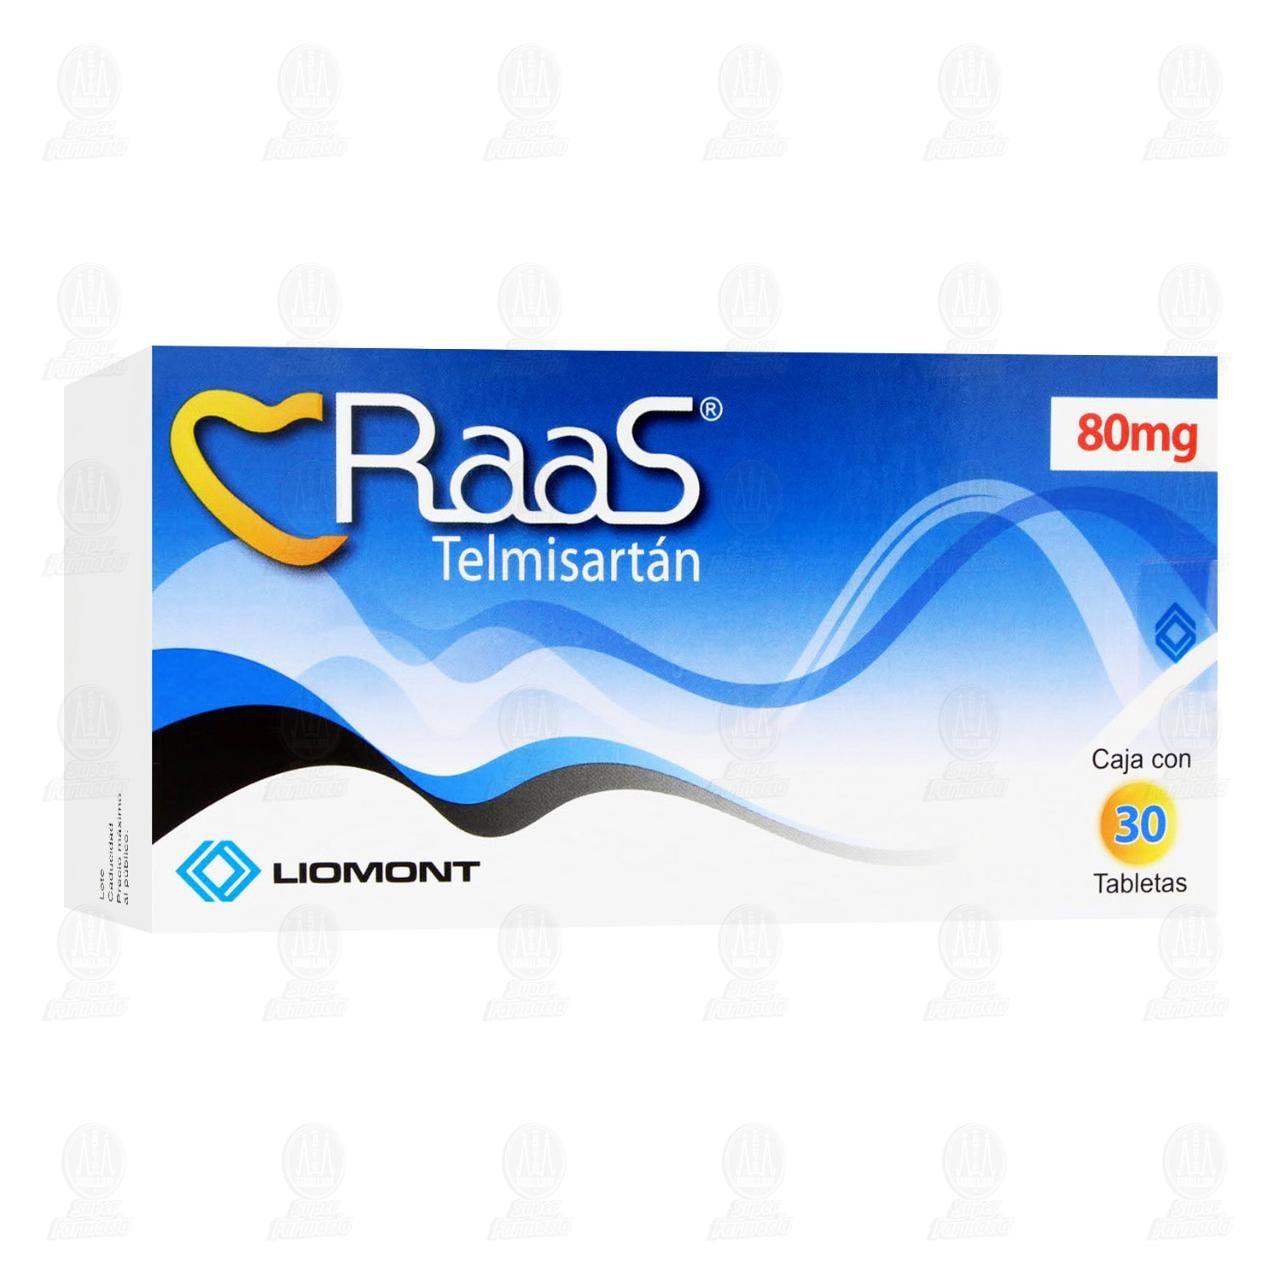 comprar https://www.movil.farmaciasguadalajara.com/wcsstore/FGCAS/wcs/products/1220390_A_1280_AL.jpg en farmacias guadalajara